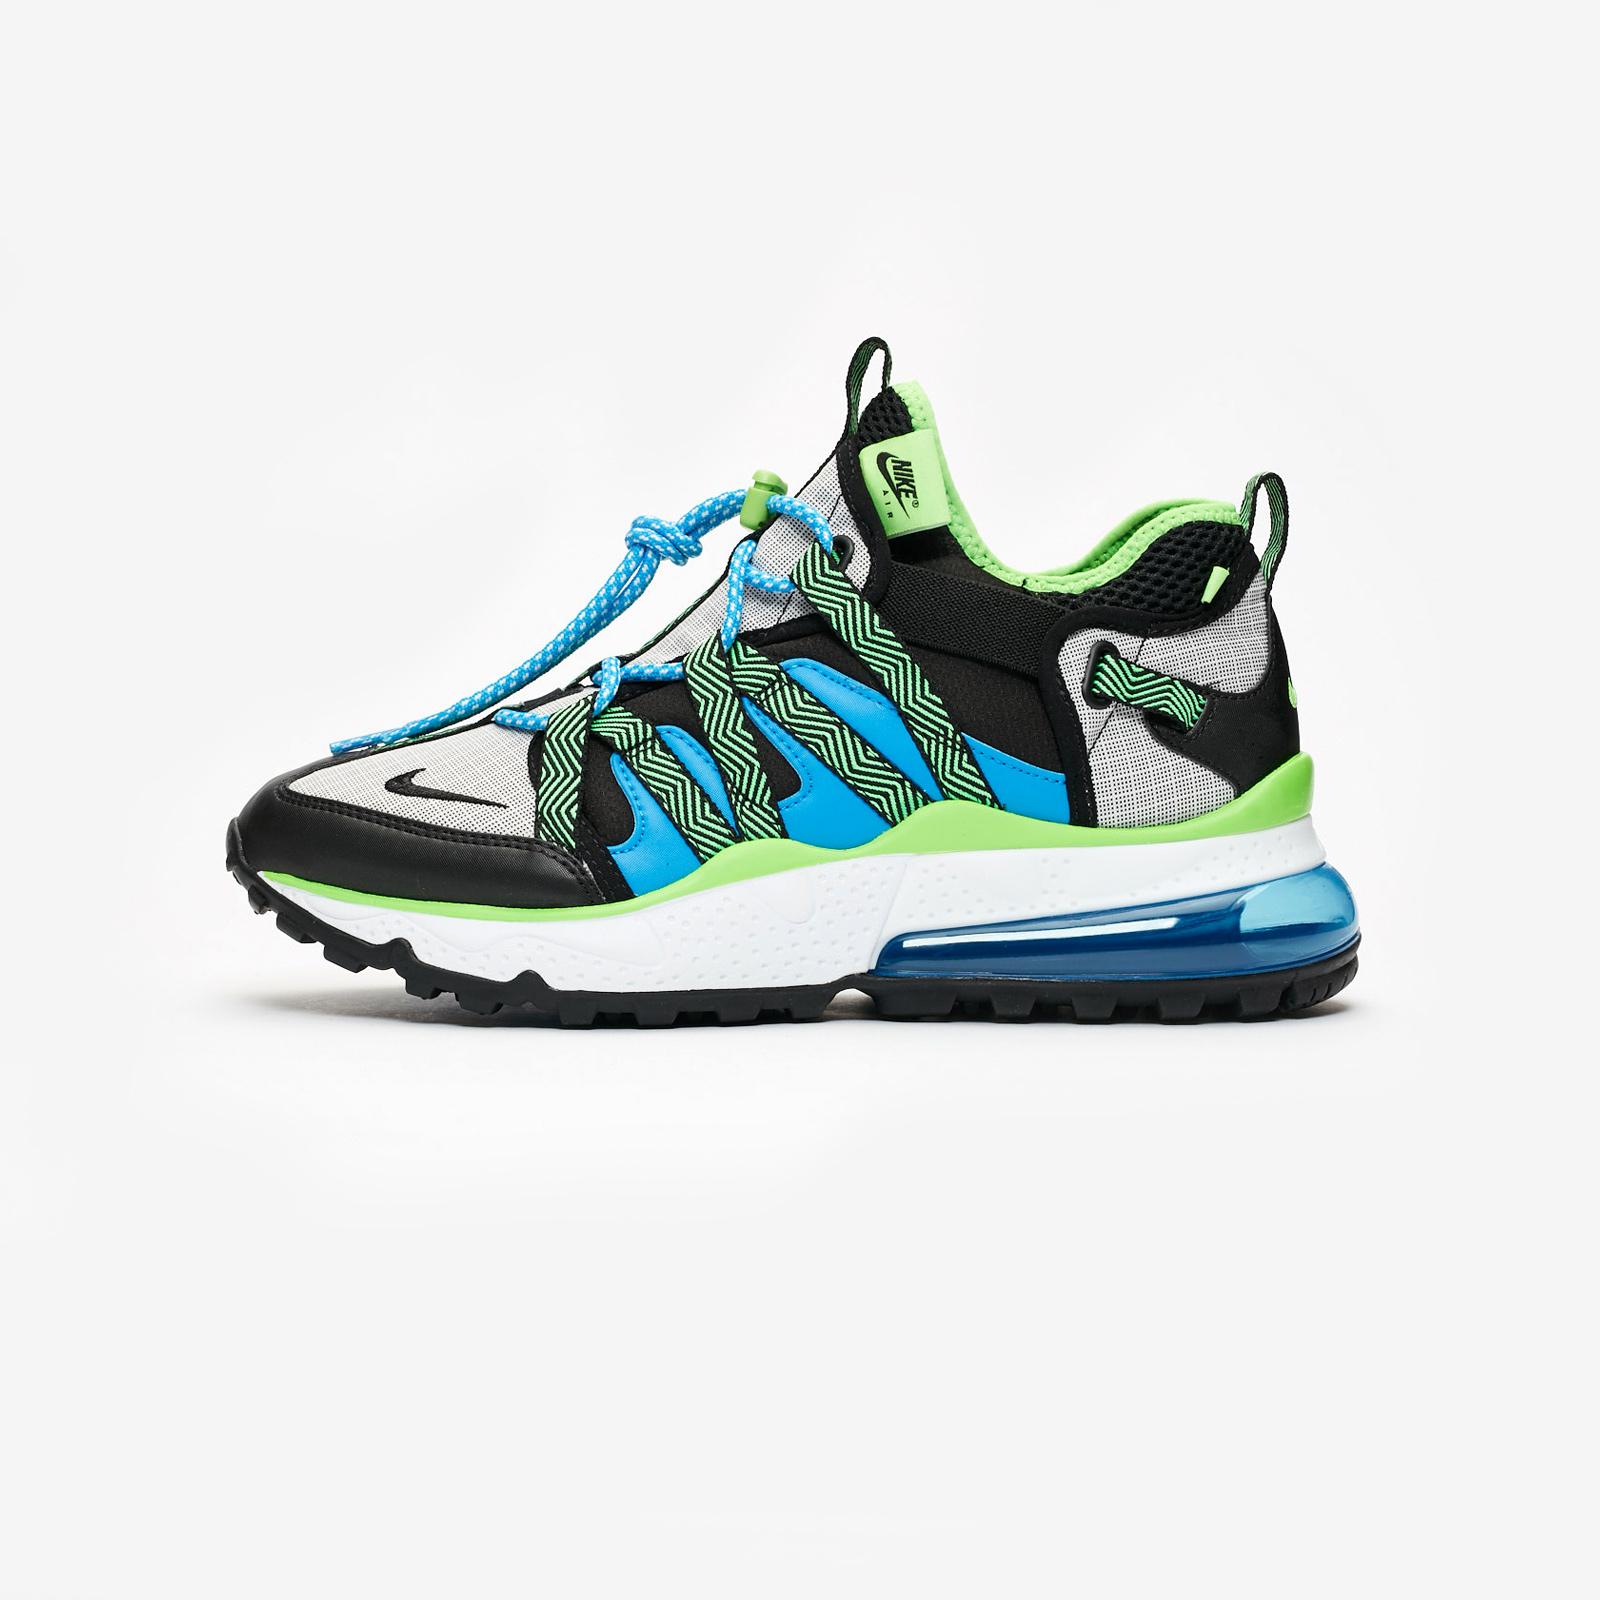 a98542edc4a Nike Air Max 270 Bowfin - Aj7200-002 - Sneakersnstuff